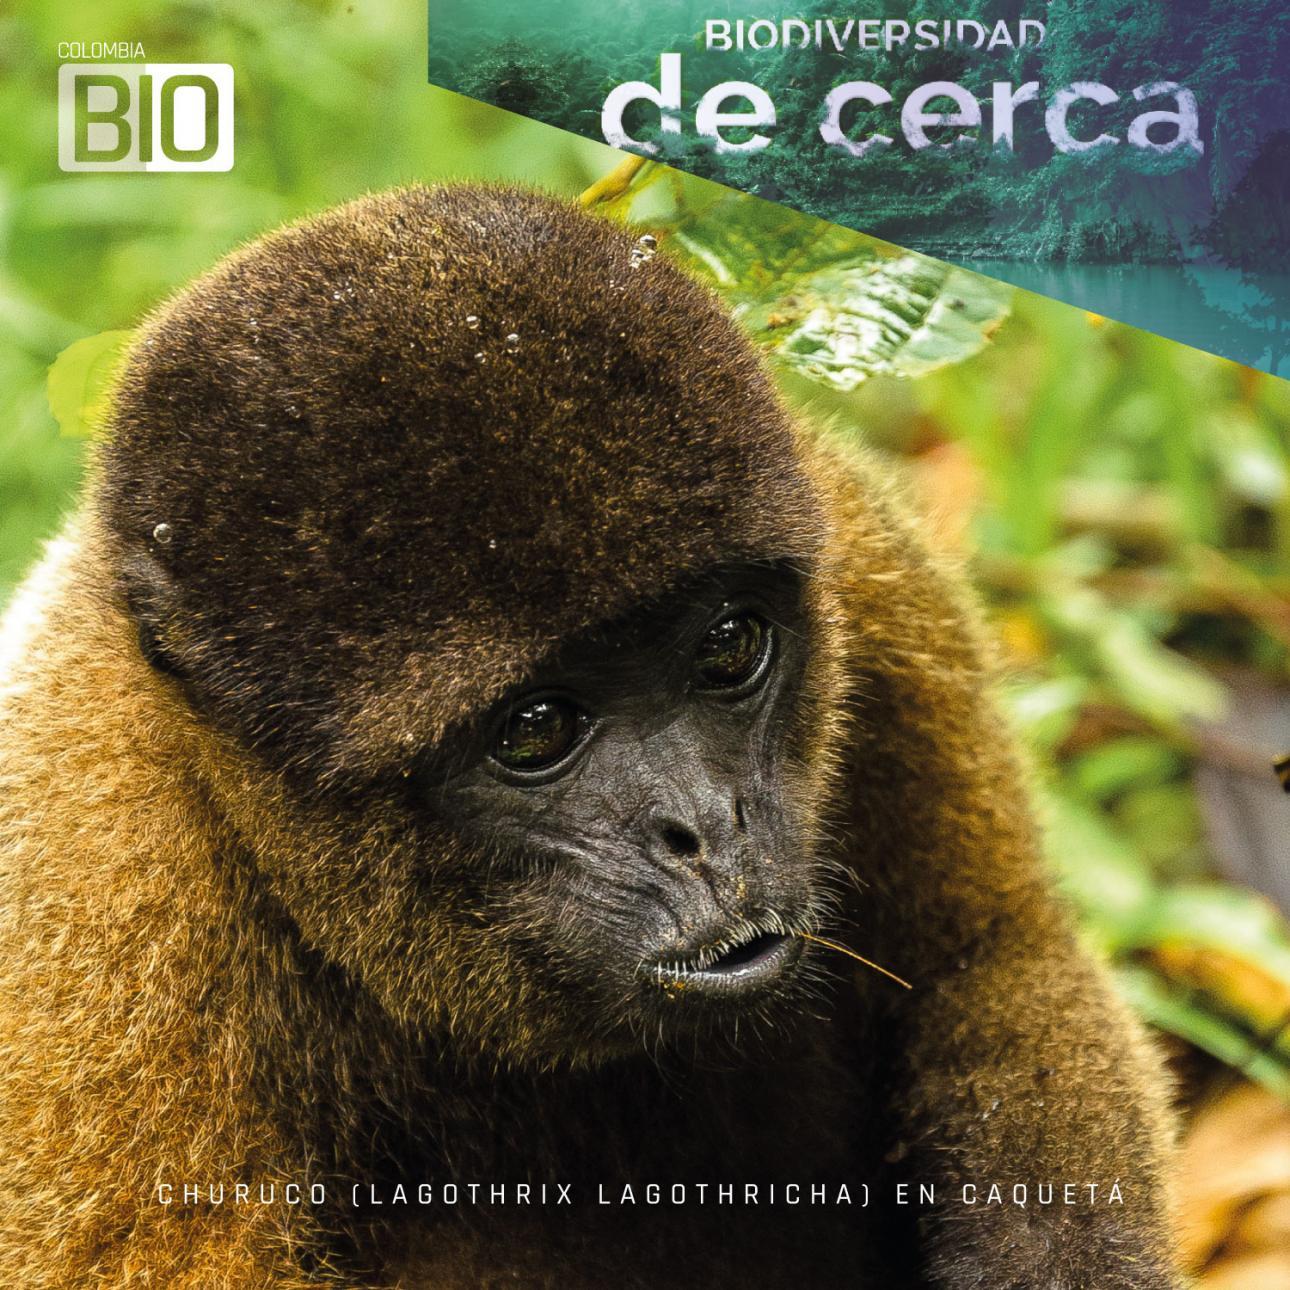 Colombia, el segundo país más biodiverso del mundo